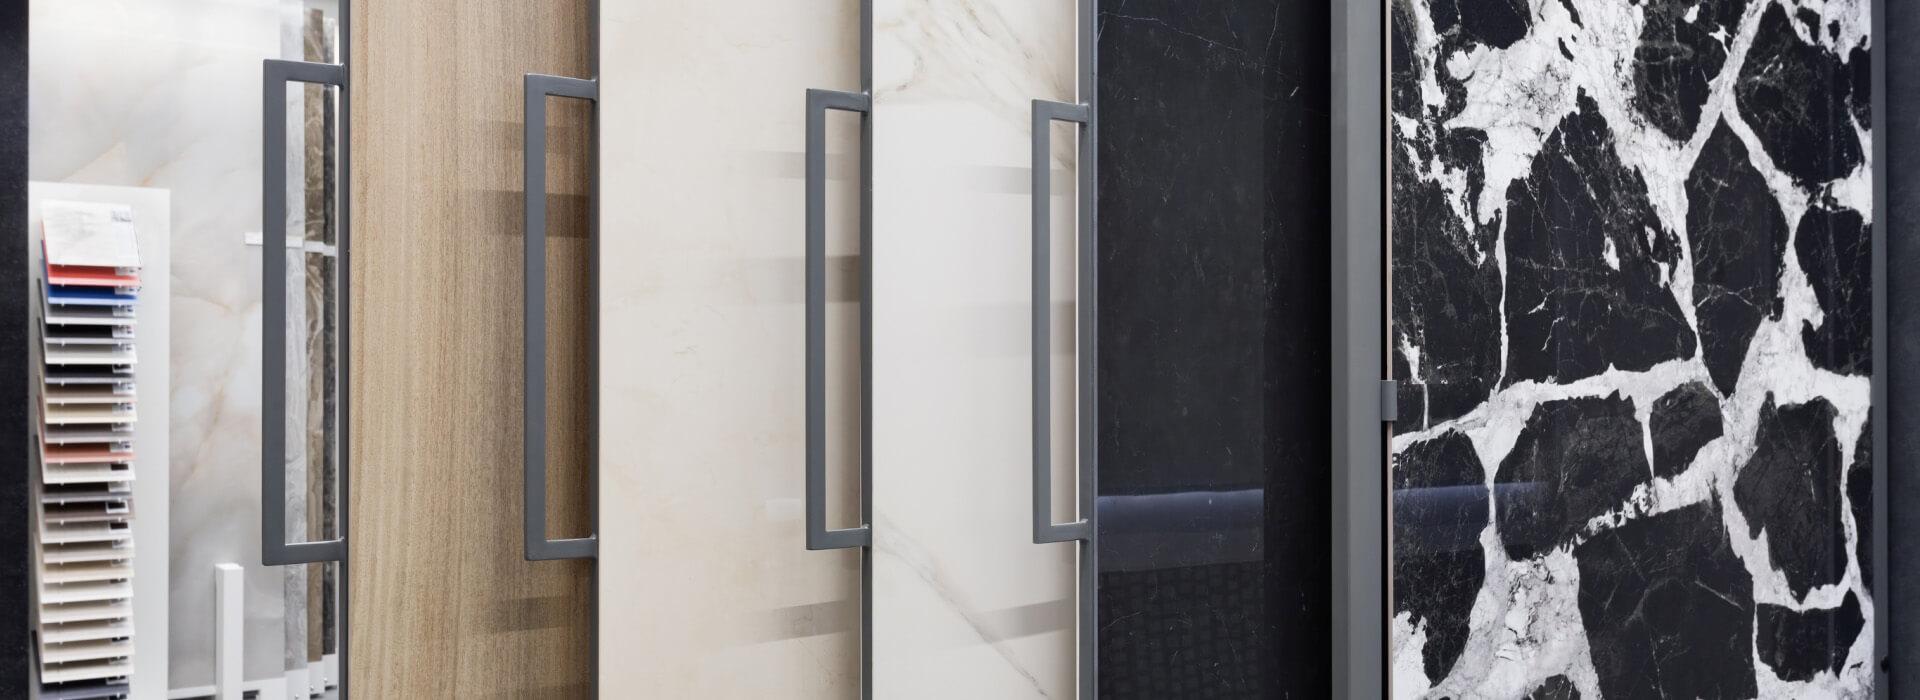 Экспозиторы для керамической плитки